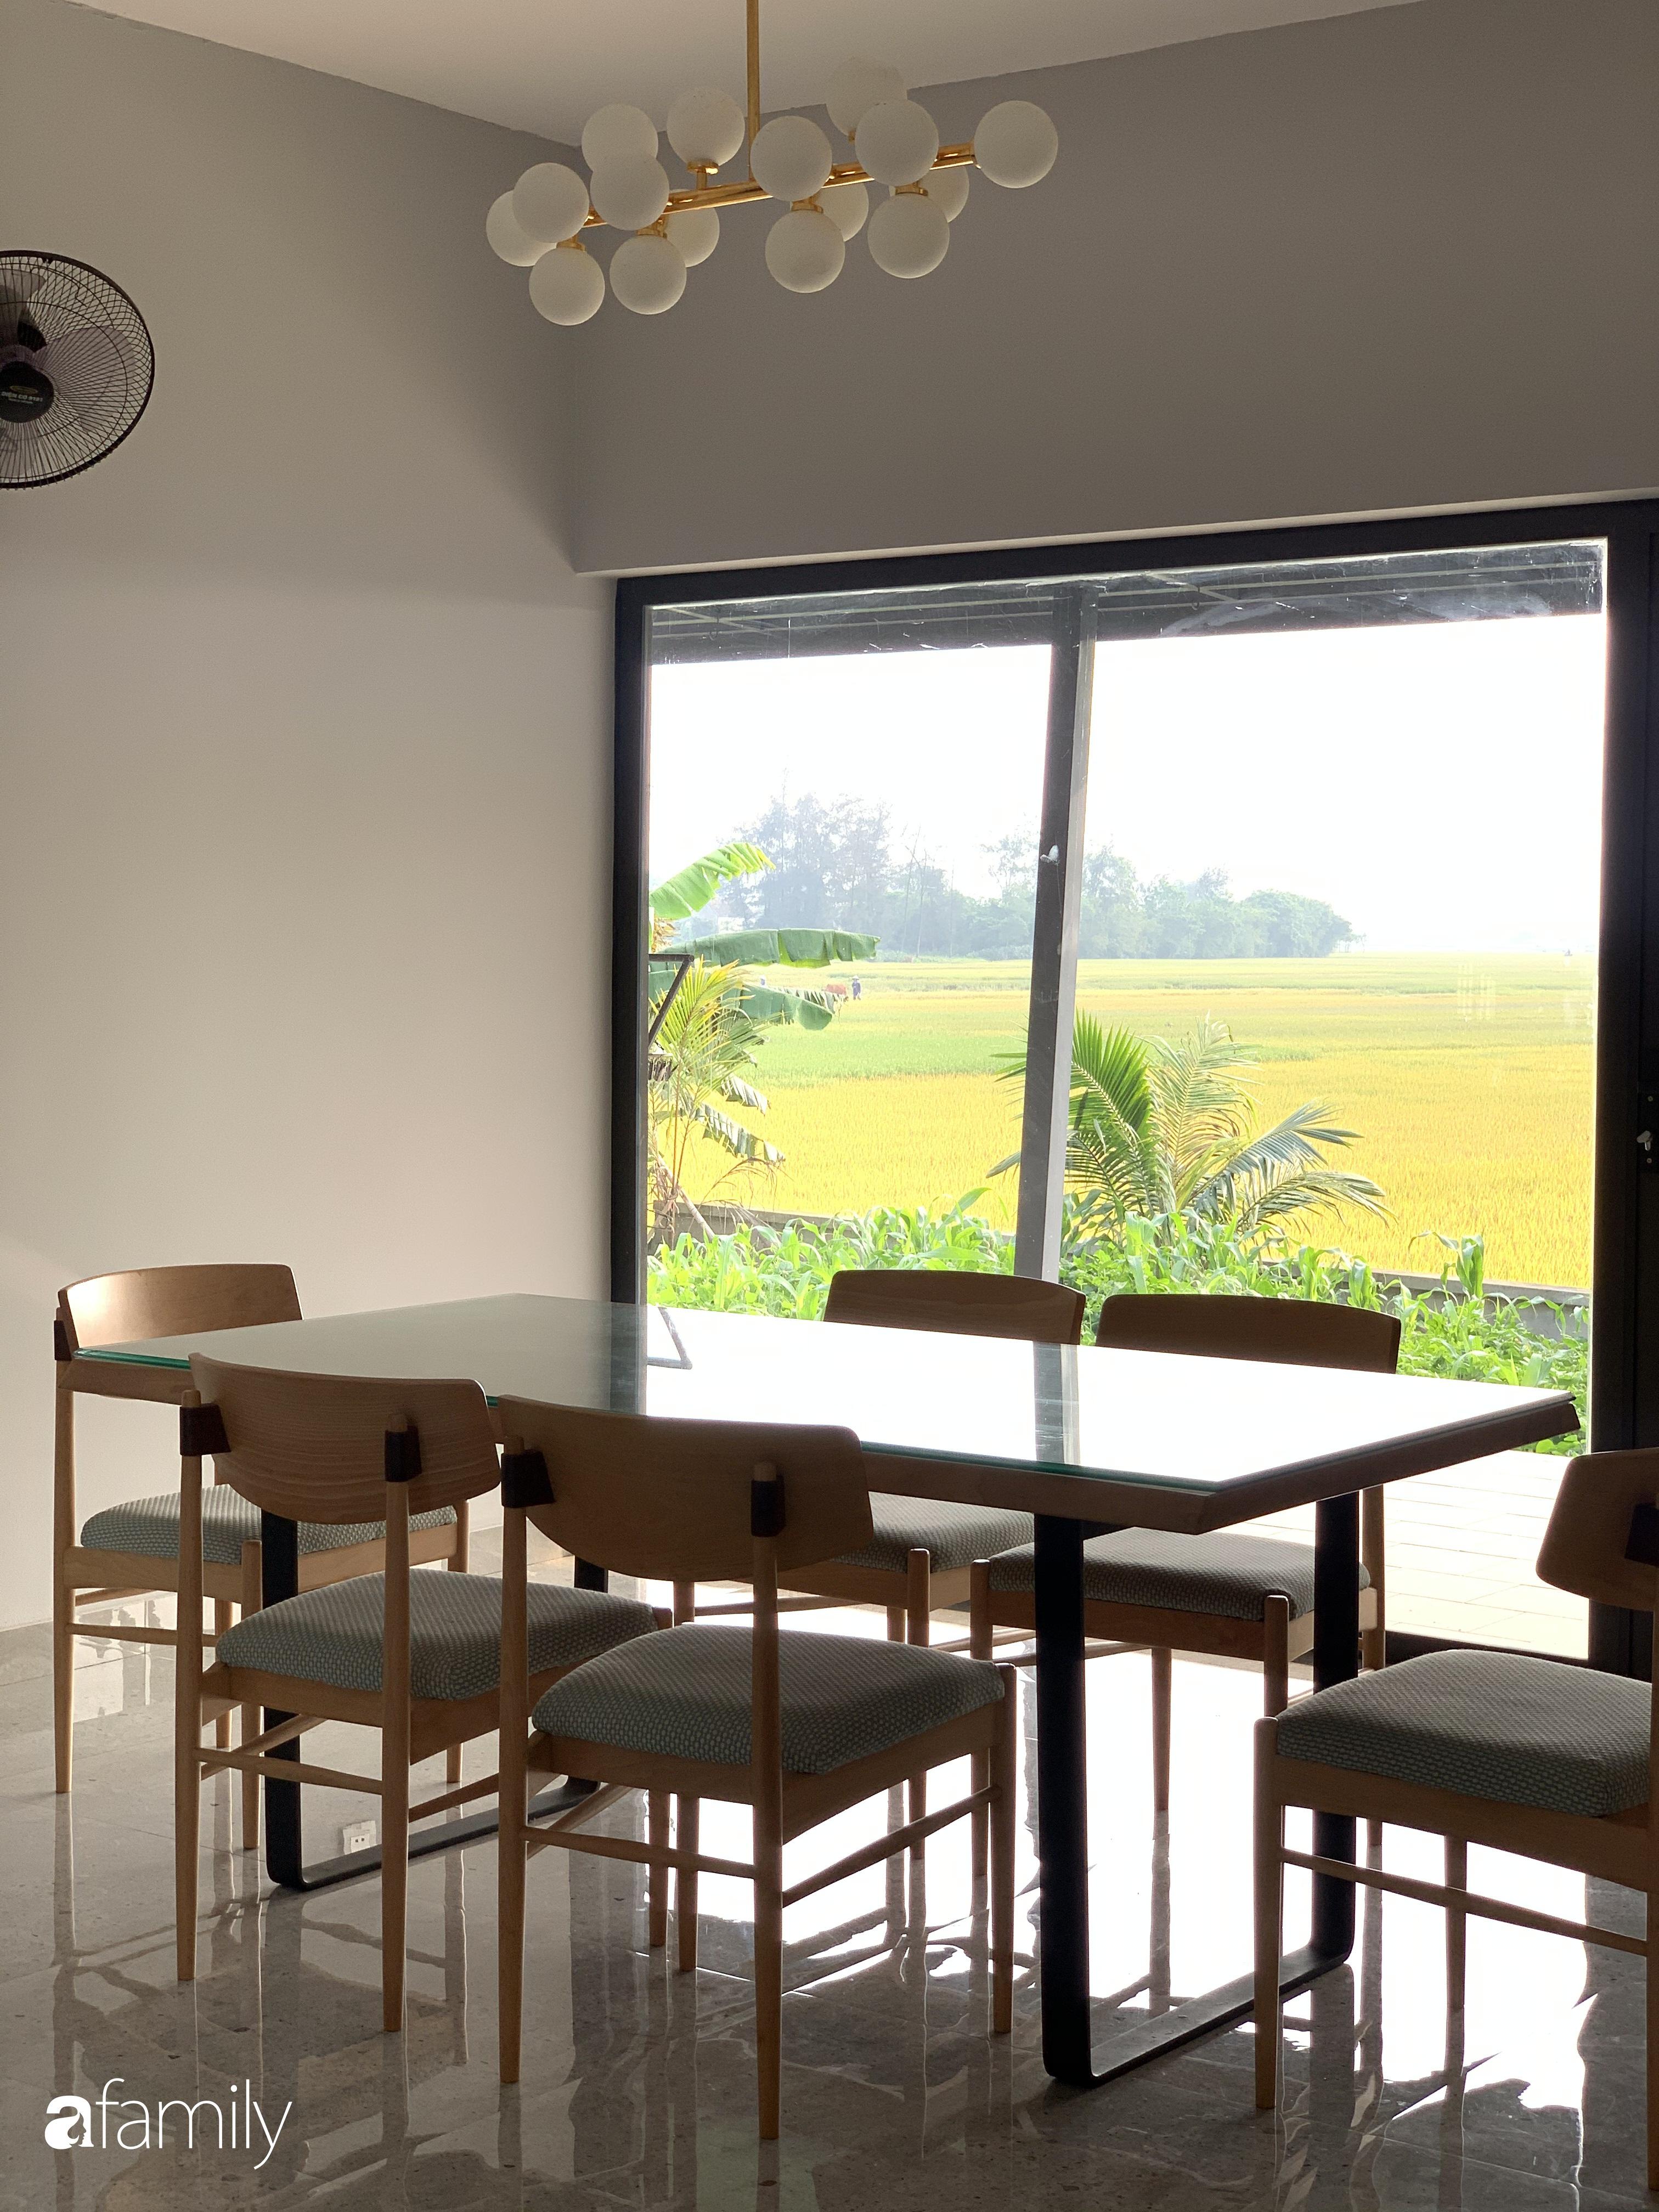 Con trai là KTS xây nhà 2 tầng nhìn thẳng ra cánh đồng lúa với thiết kế tiện dụng cho bố mẹ già ở Hà Tĩnh - Ảnh 17.